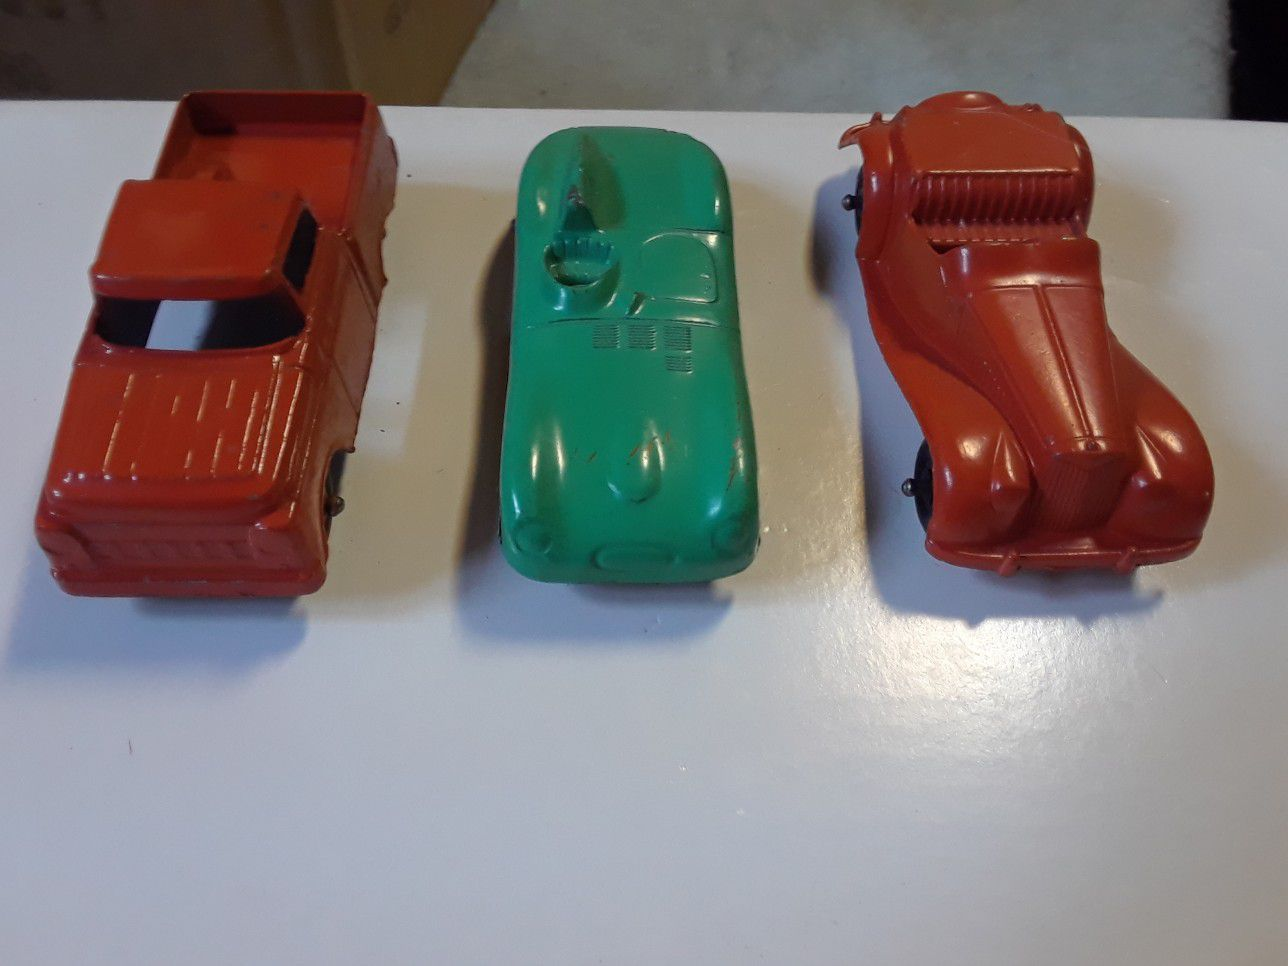 Tootsietoy vehicles